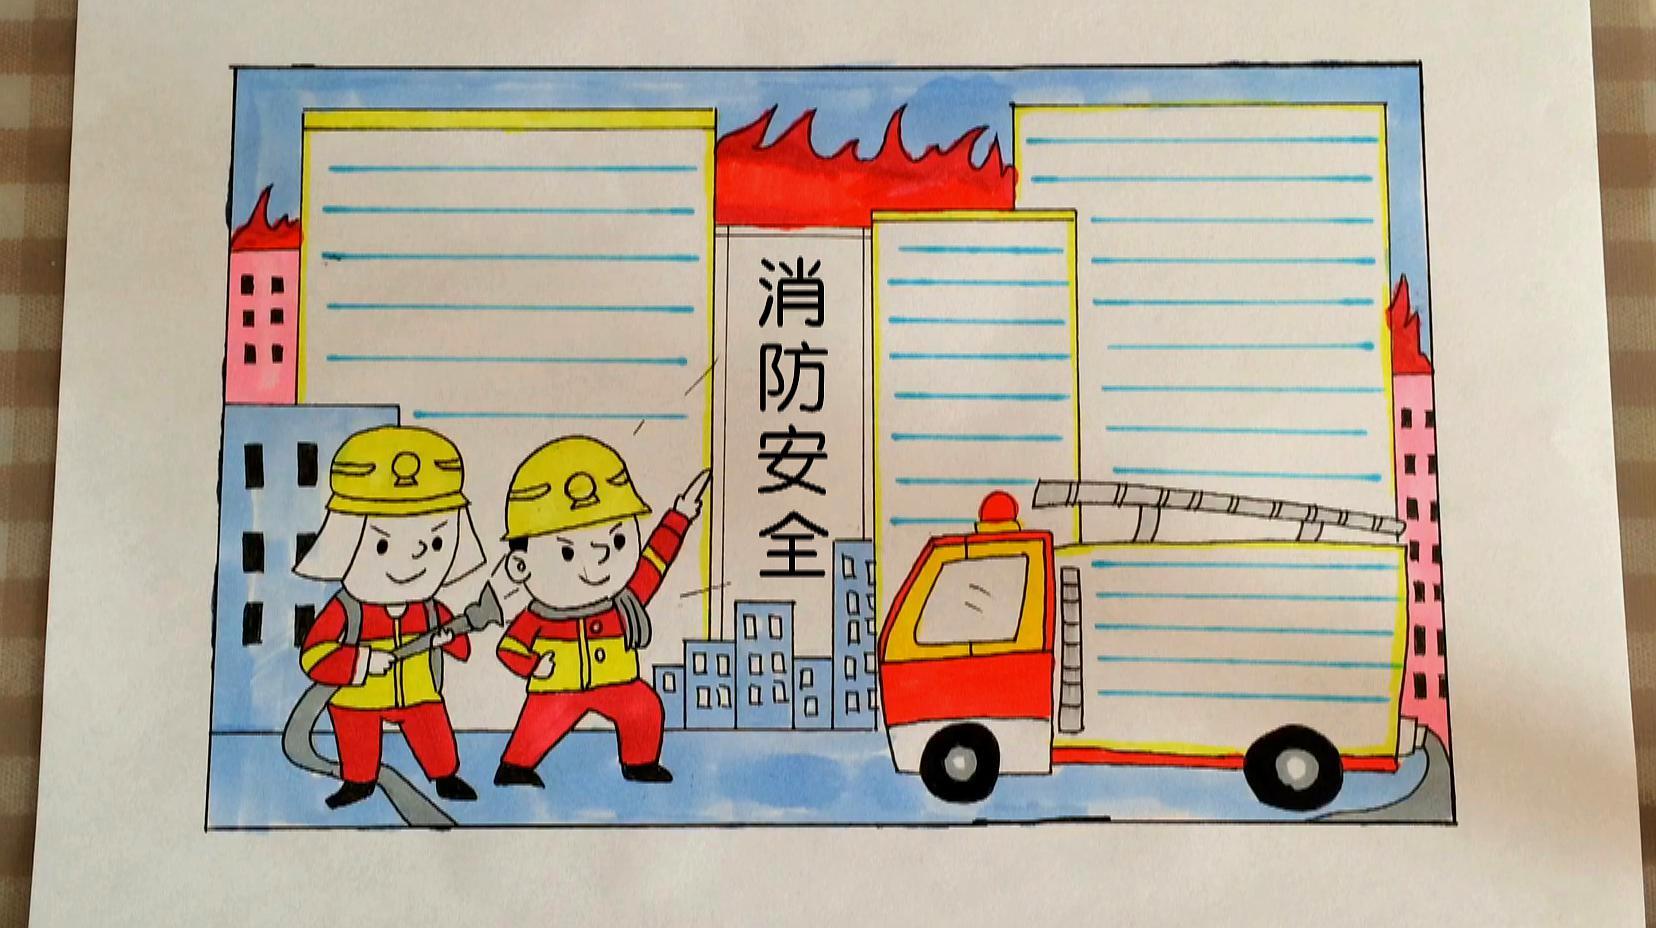 消防安全手抄报有哪些